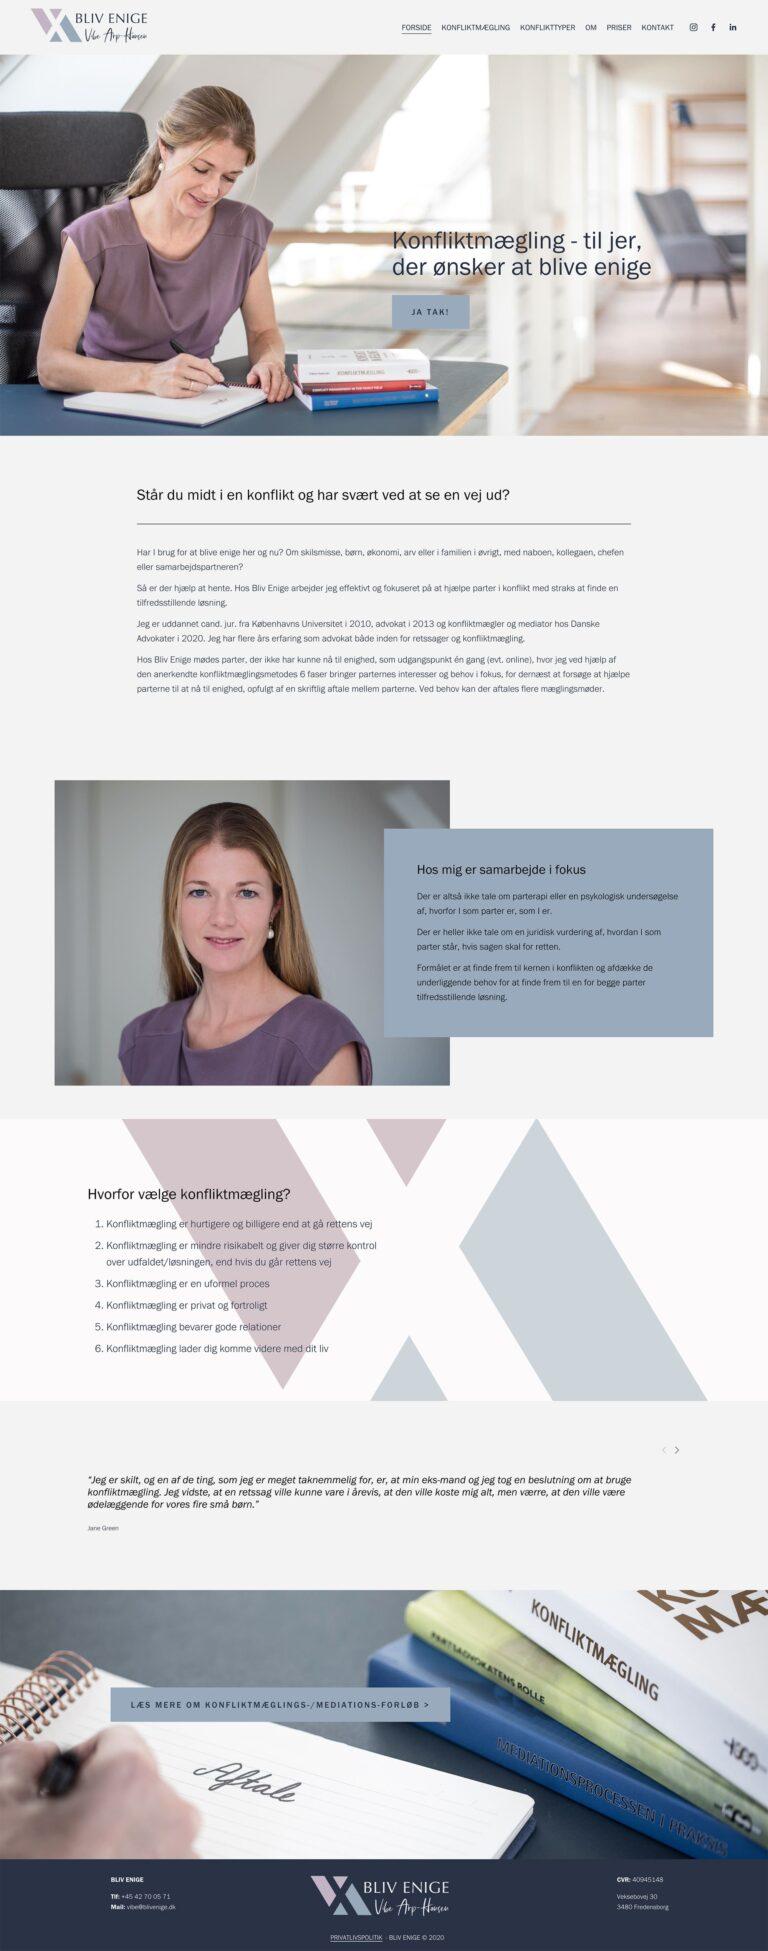 designcoach-webdesign-for-bliv-enige-vist-med-screencapture-af-forside